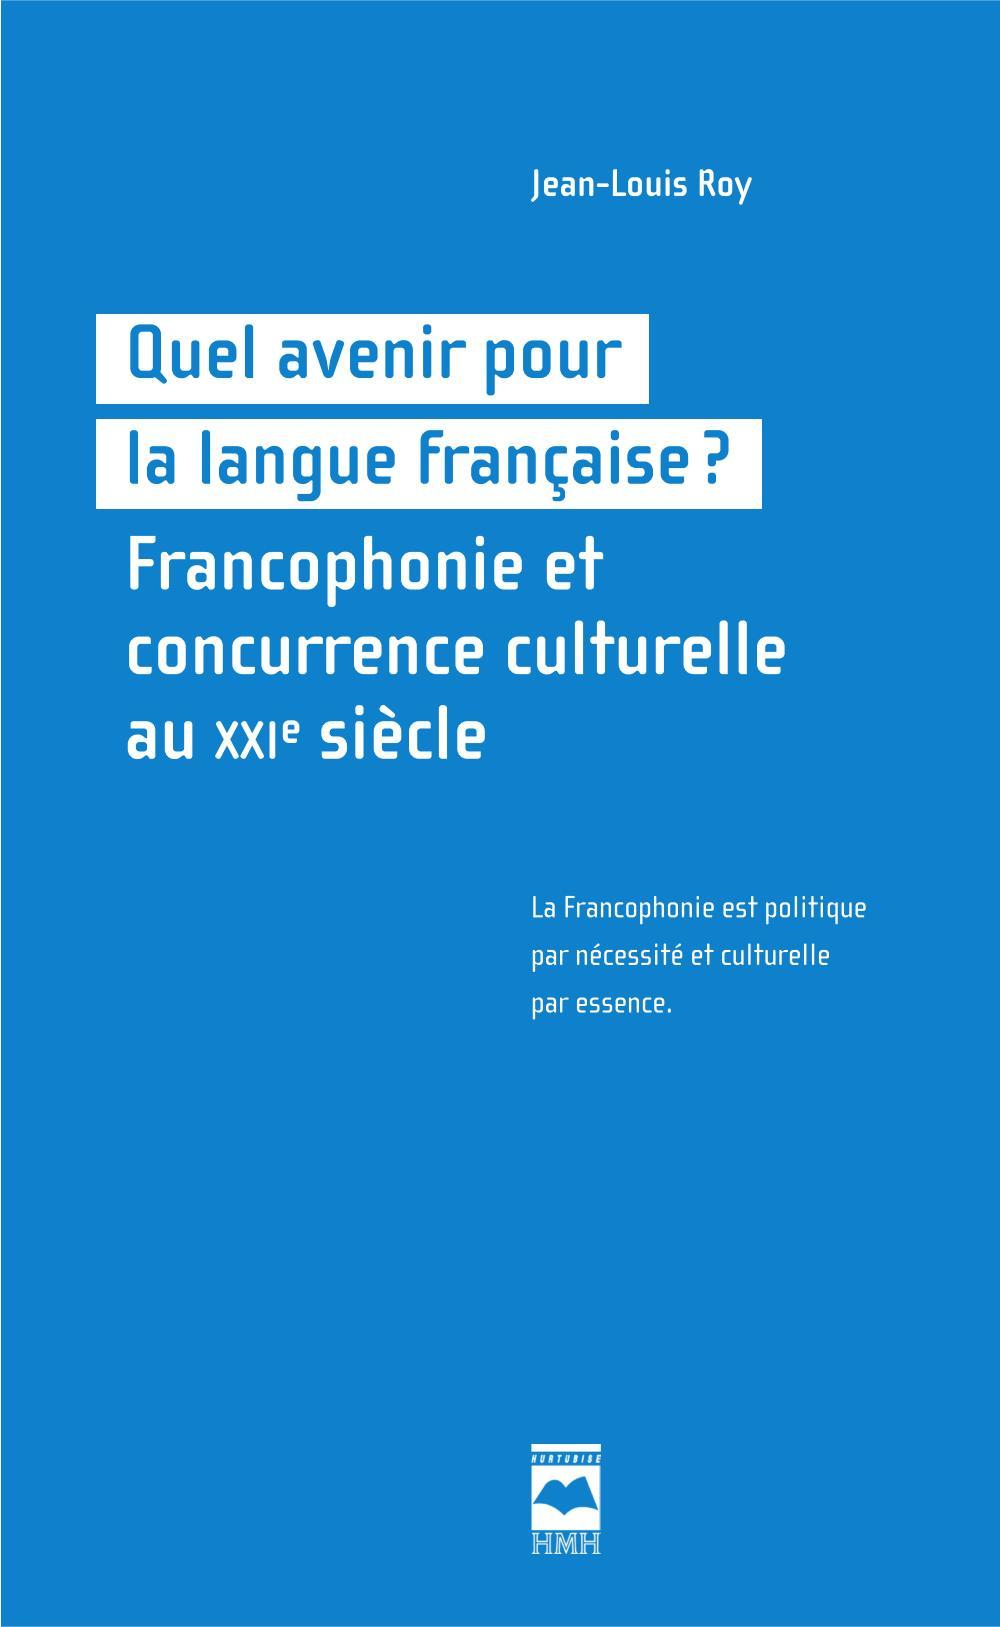 Quel avenir pour la langue française?